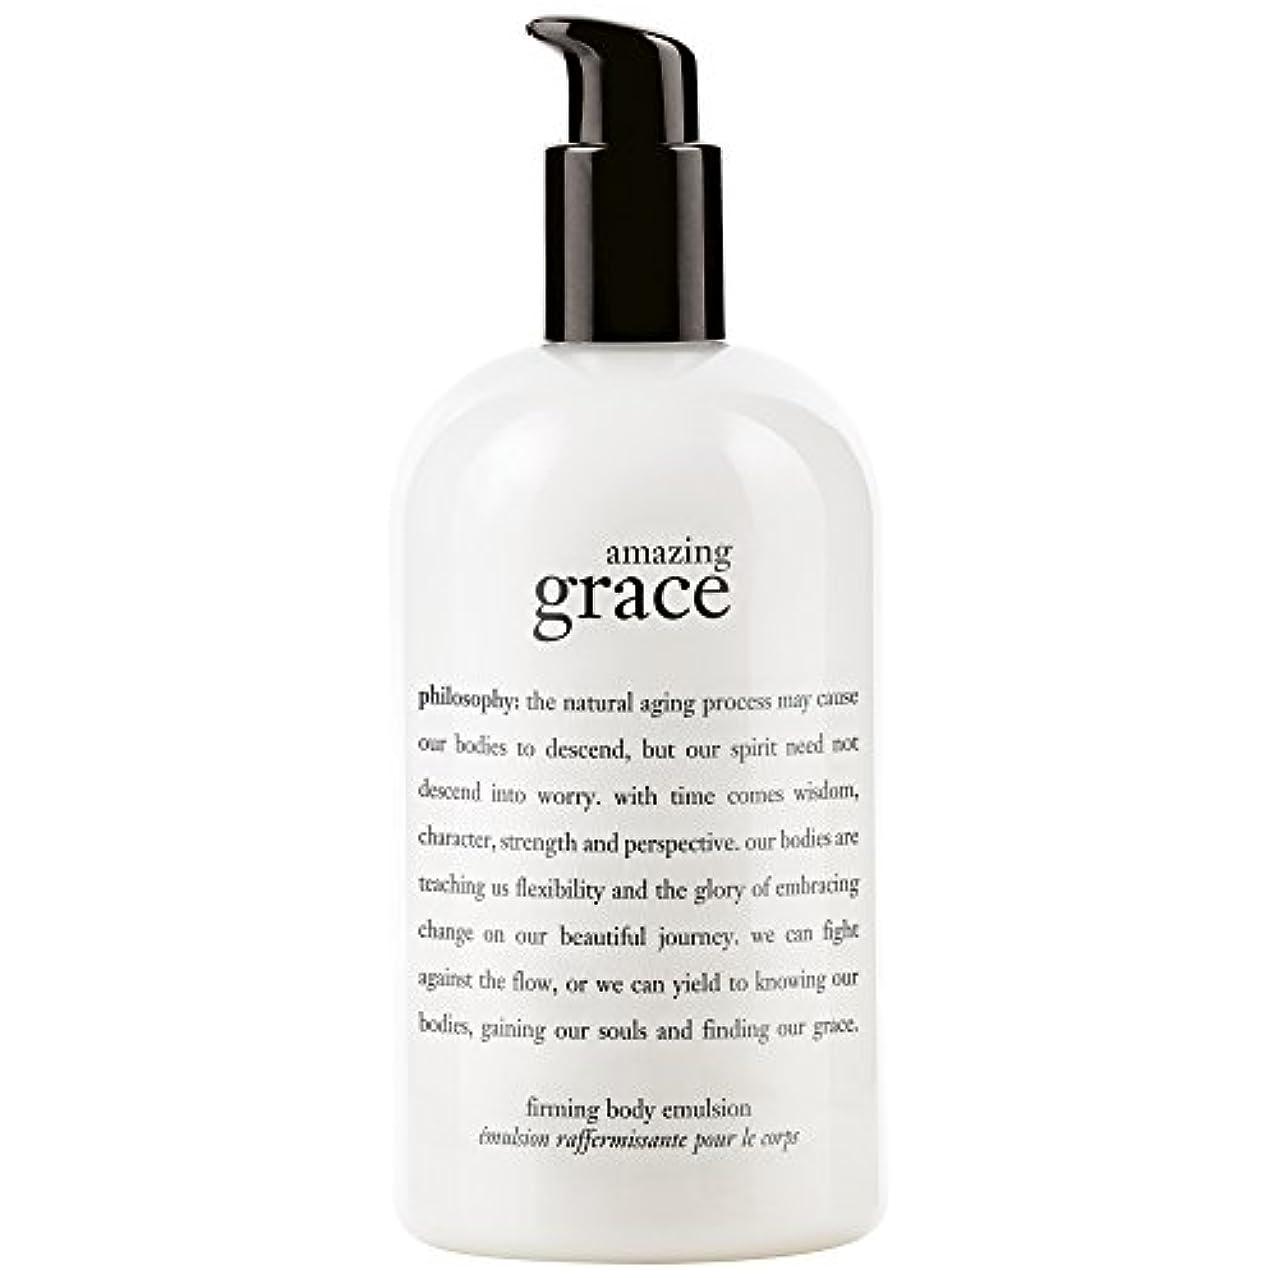 テーブル遠洋の不格好哲学驚くべき恵み引き締めボディエマルジョン480ミリリットル (Philosophy) - Philosophy Amazing Grace Firming Body Emulsion 480ml [並行輸入品]